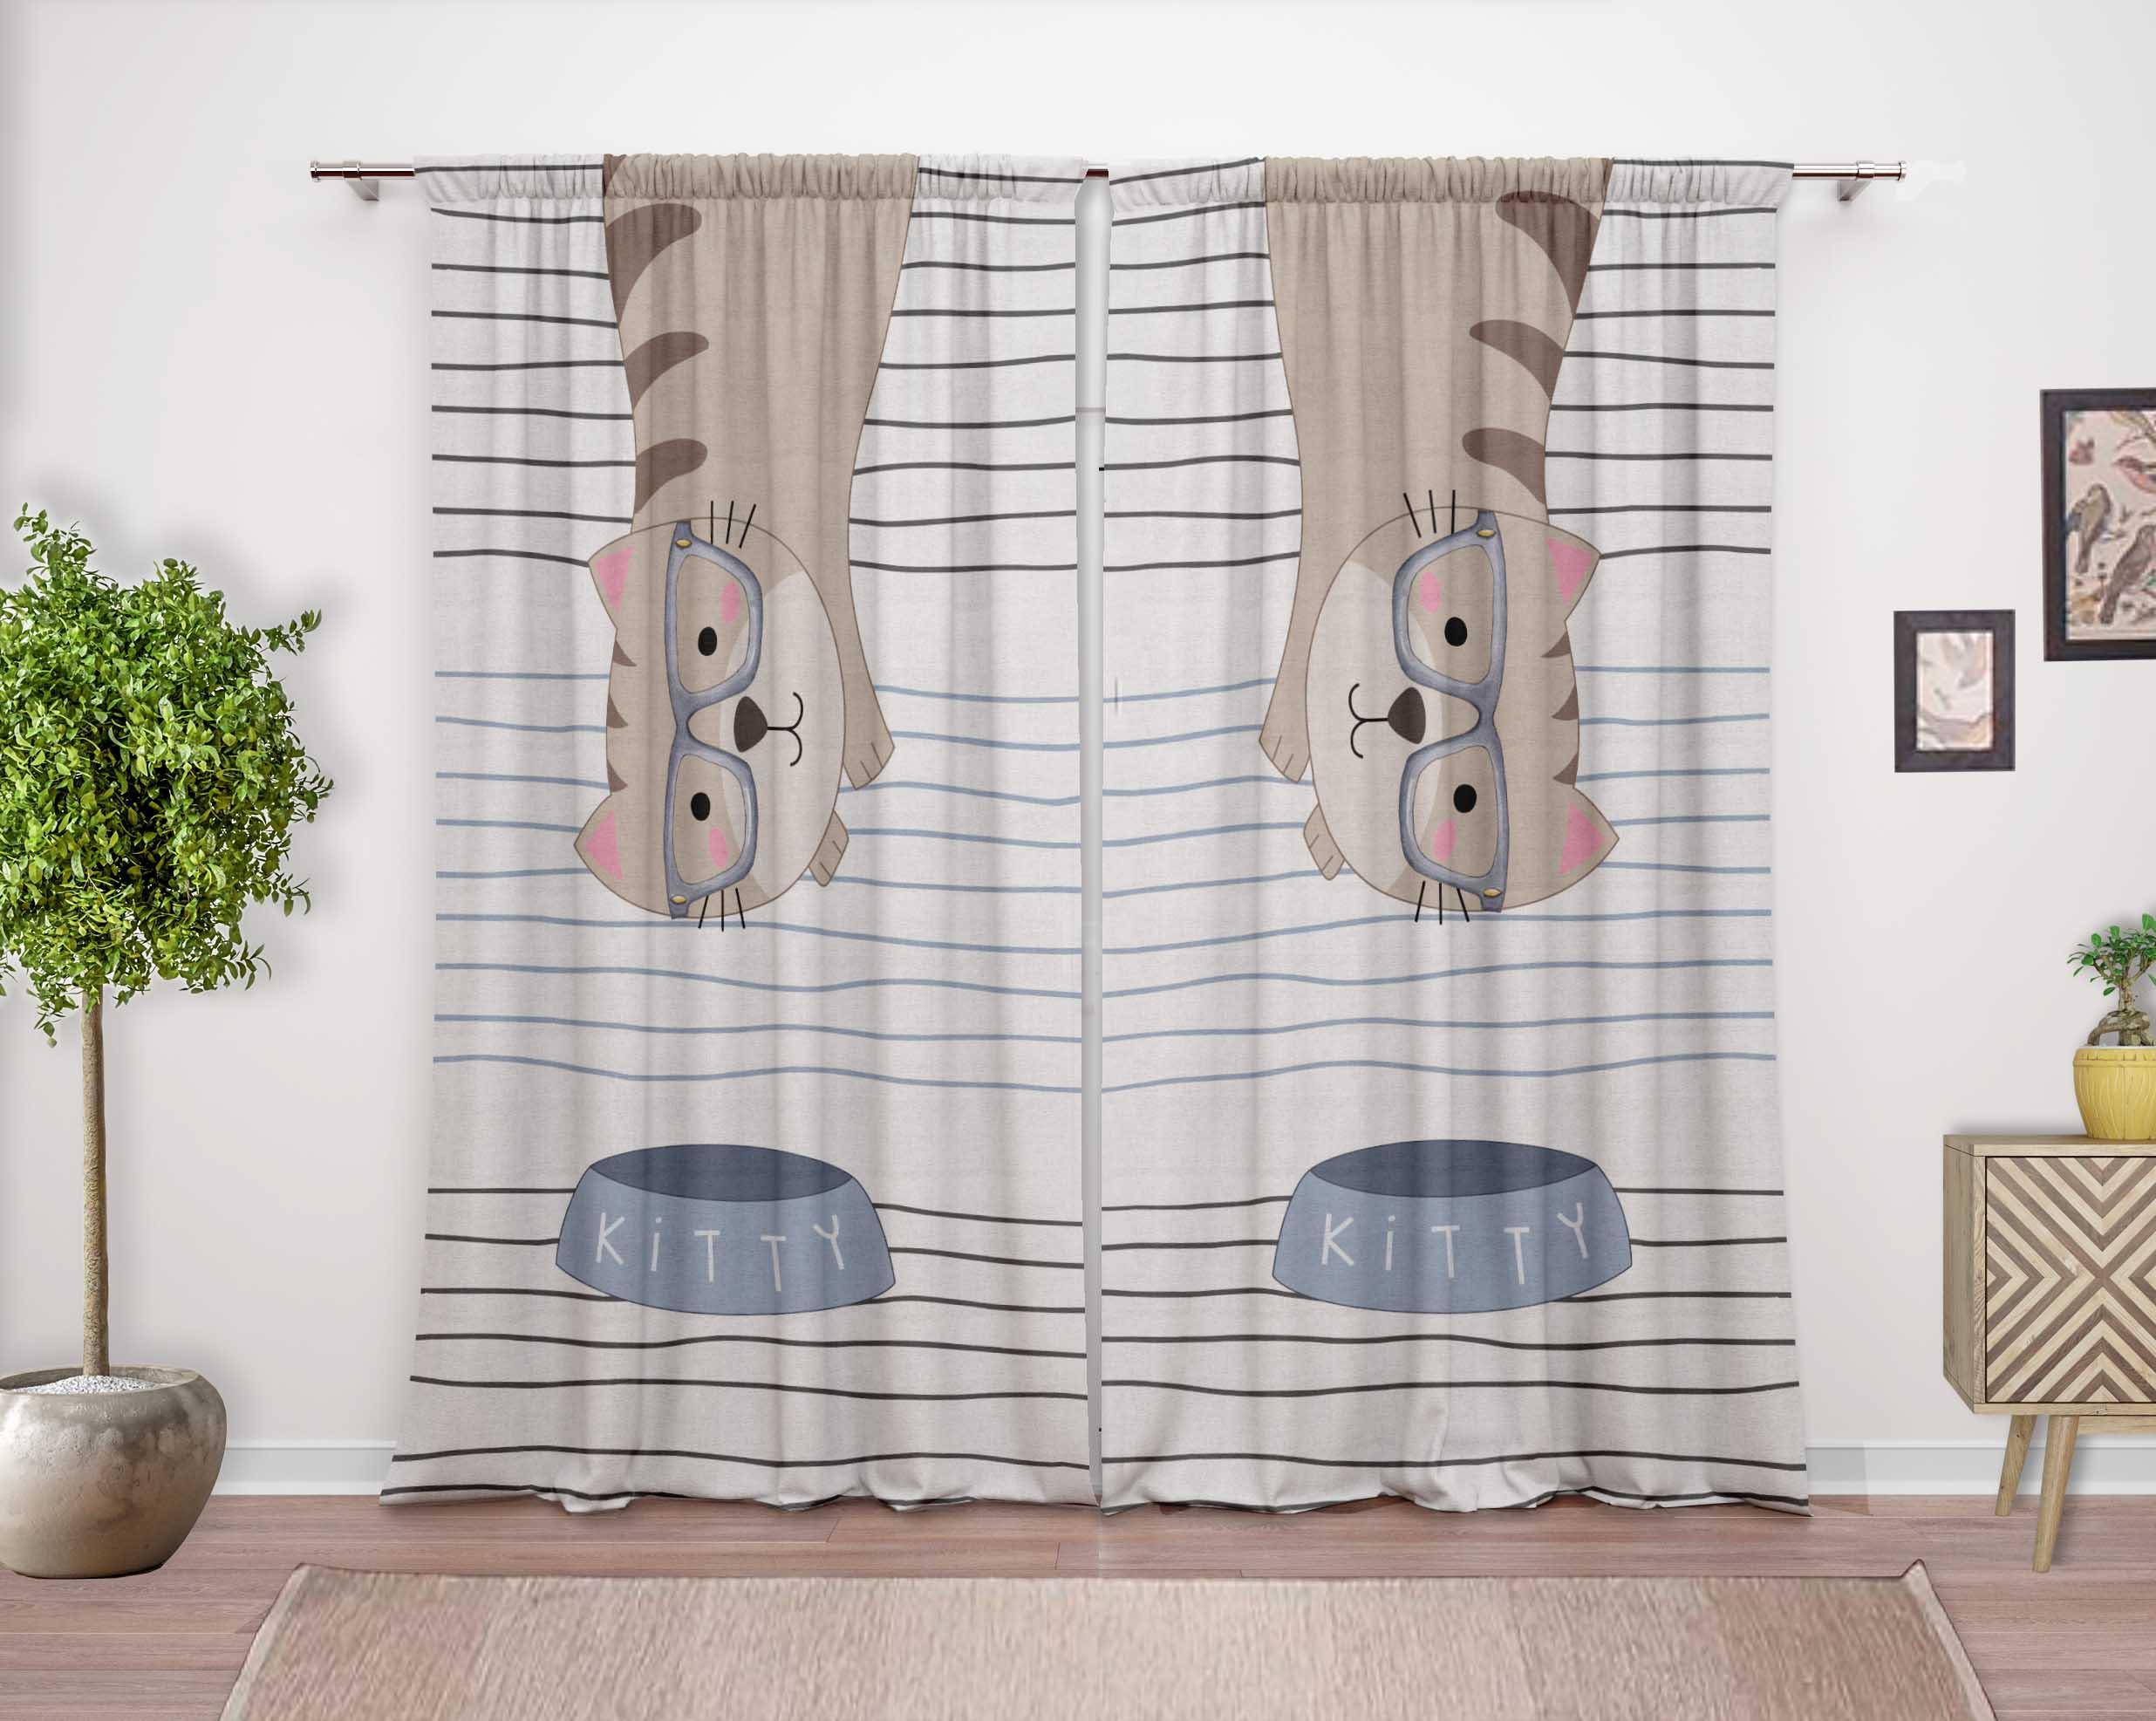 Rideau Pour Porte Fenetre détails sur double panneau rideaux porte pour chambre tringle de rideau  fenêtre-fs-dctd221a